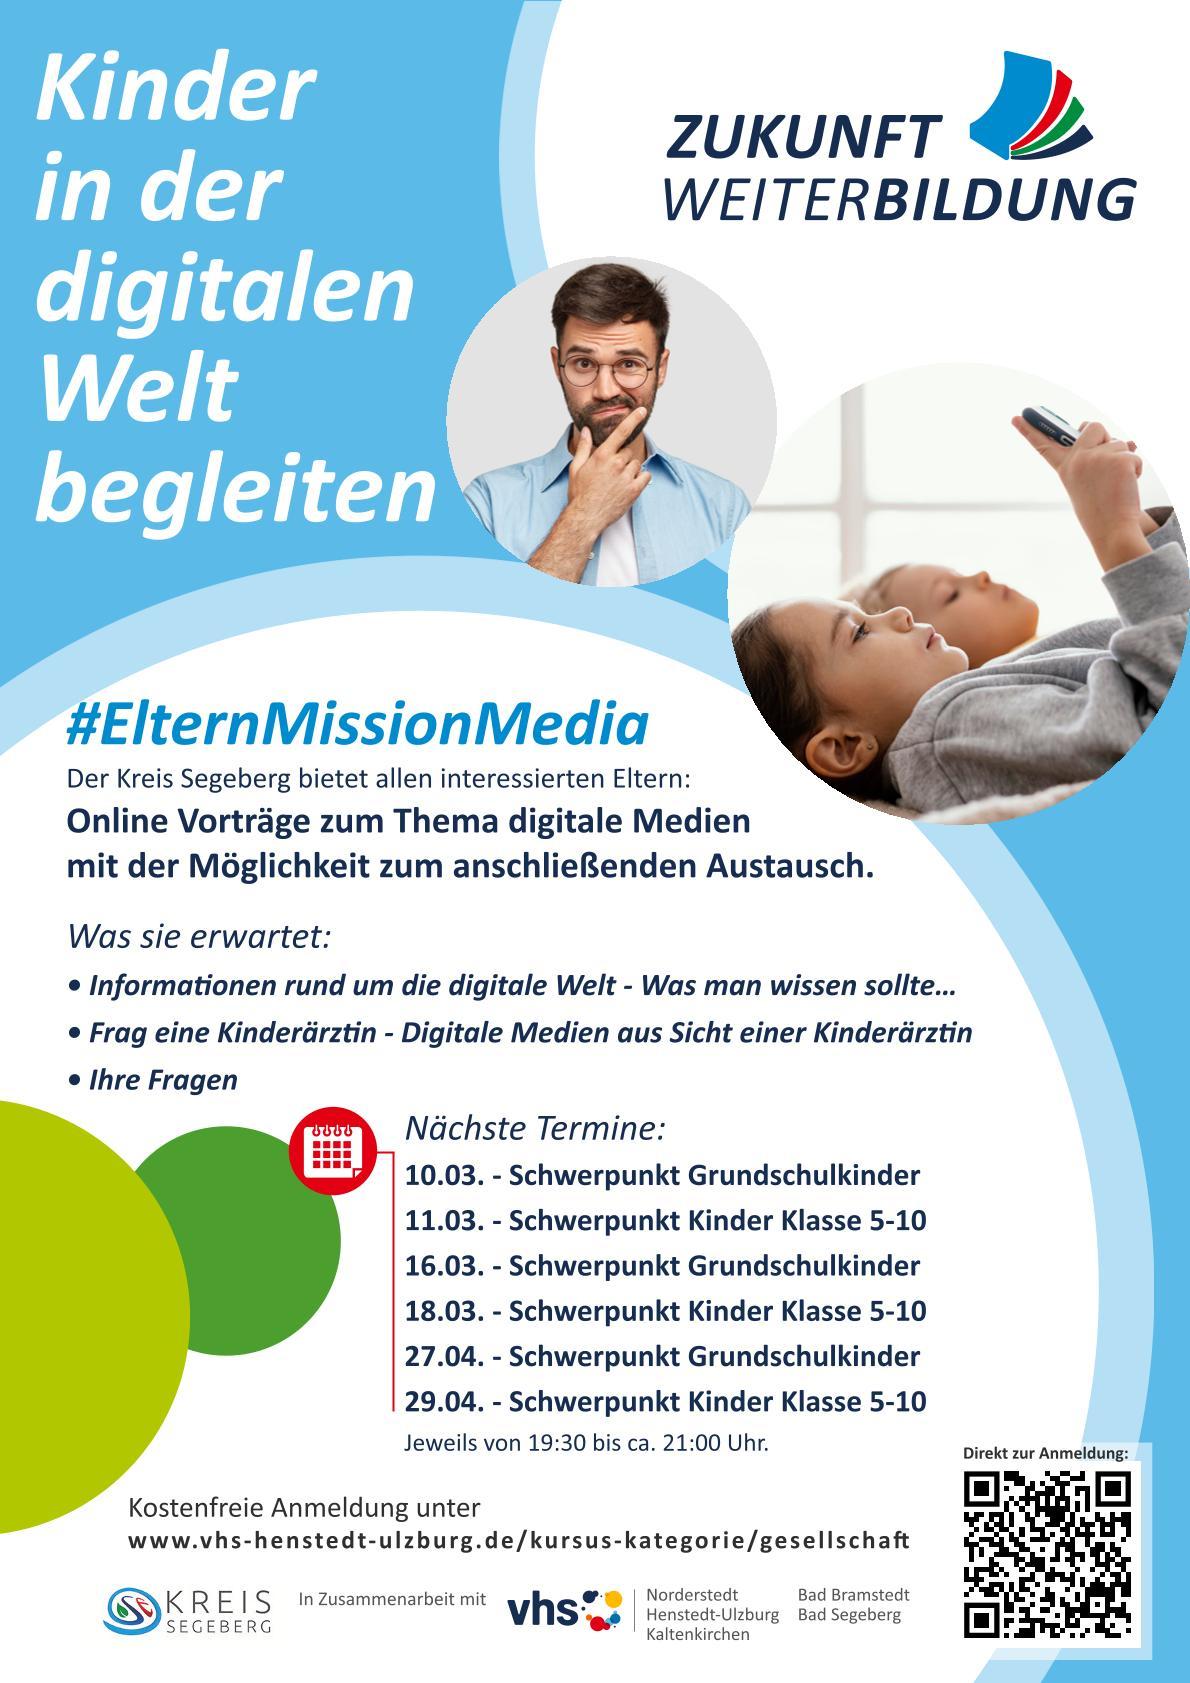 Online Veranstaltung, Kinder in der digitalen Welt begleiten